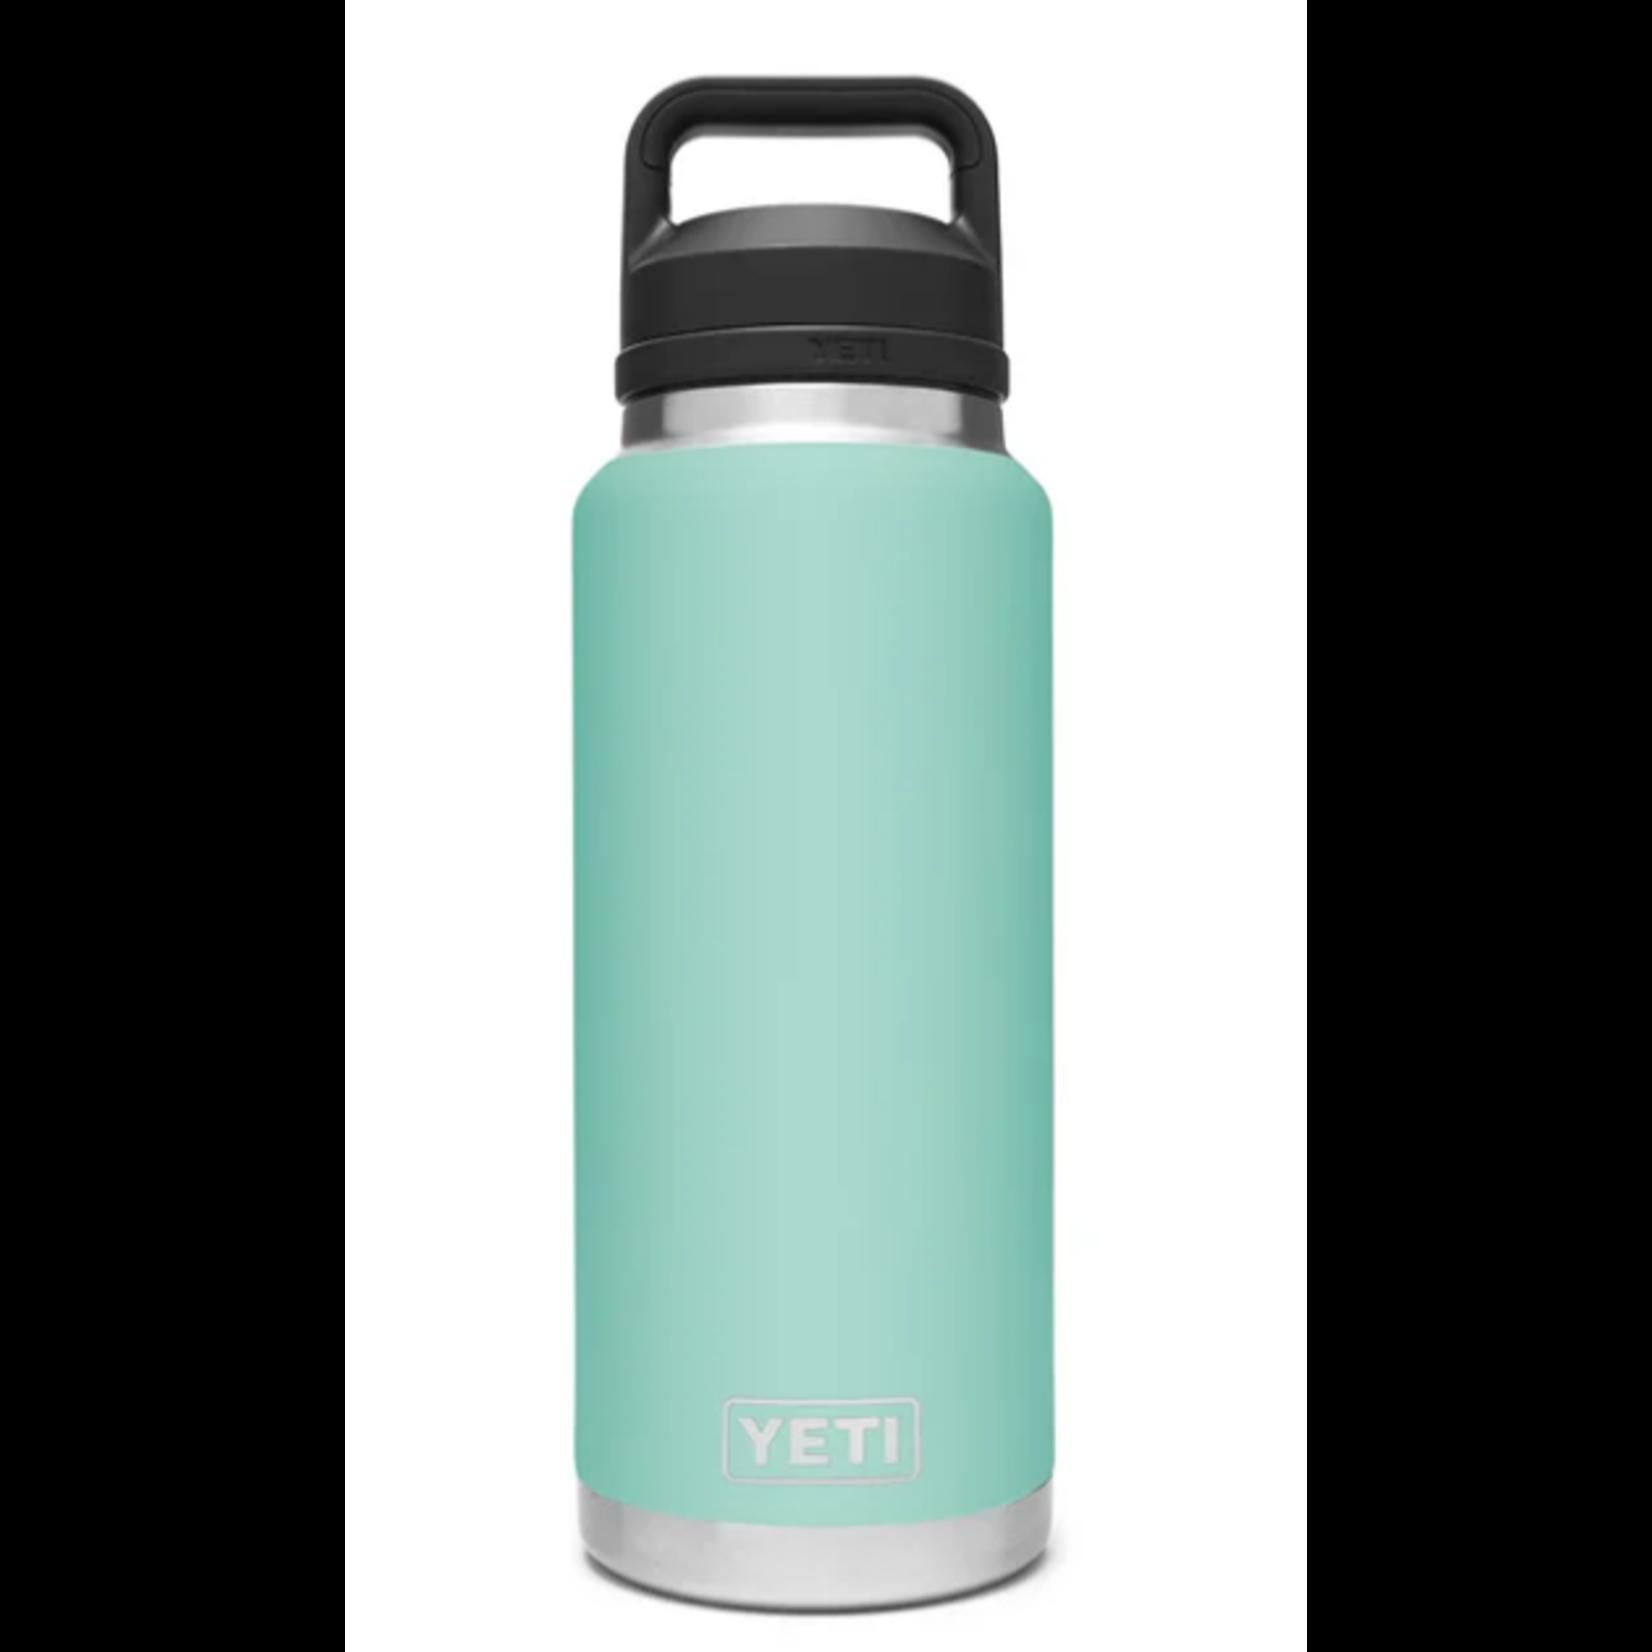 YETI Rambler 36oz Bottle W/ Chug Cap